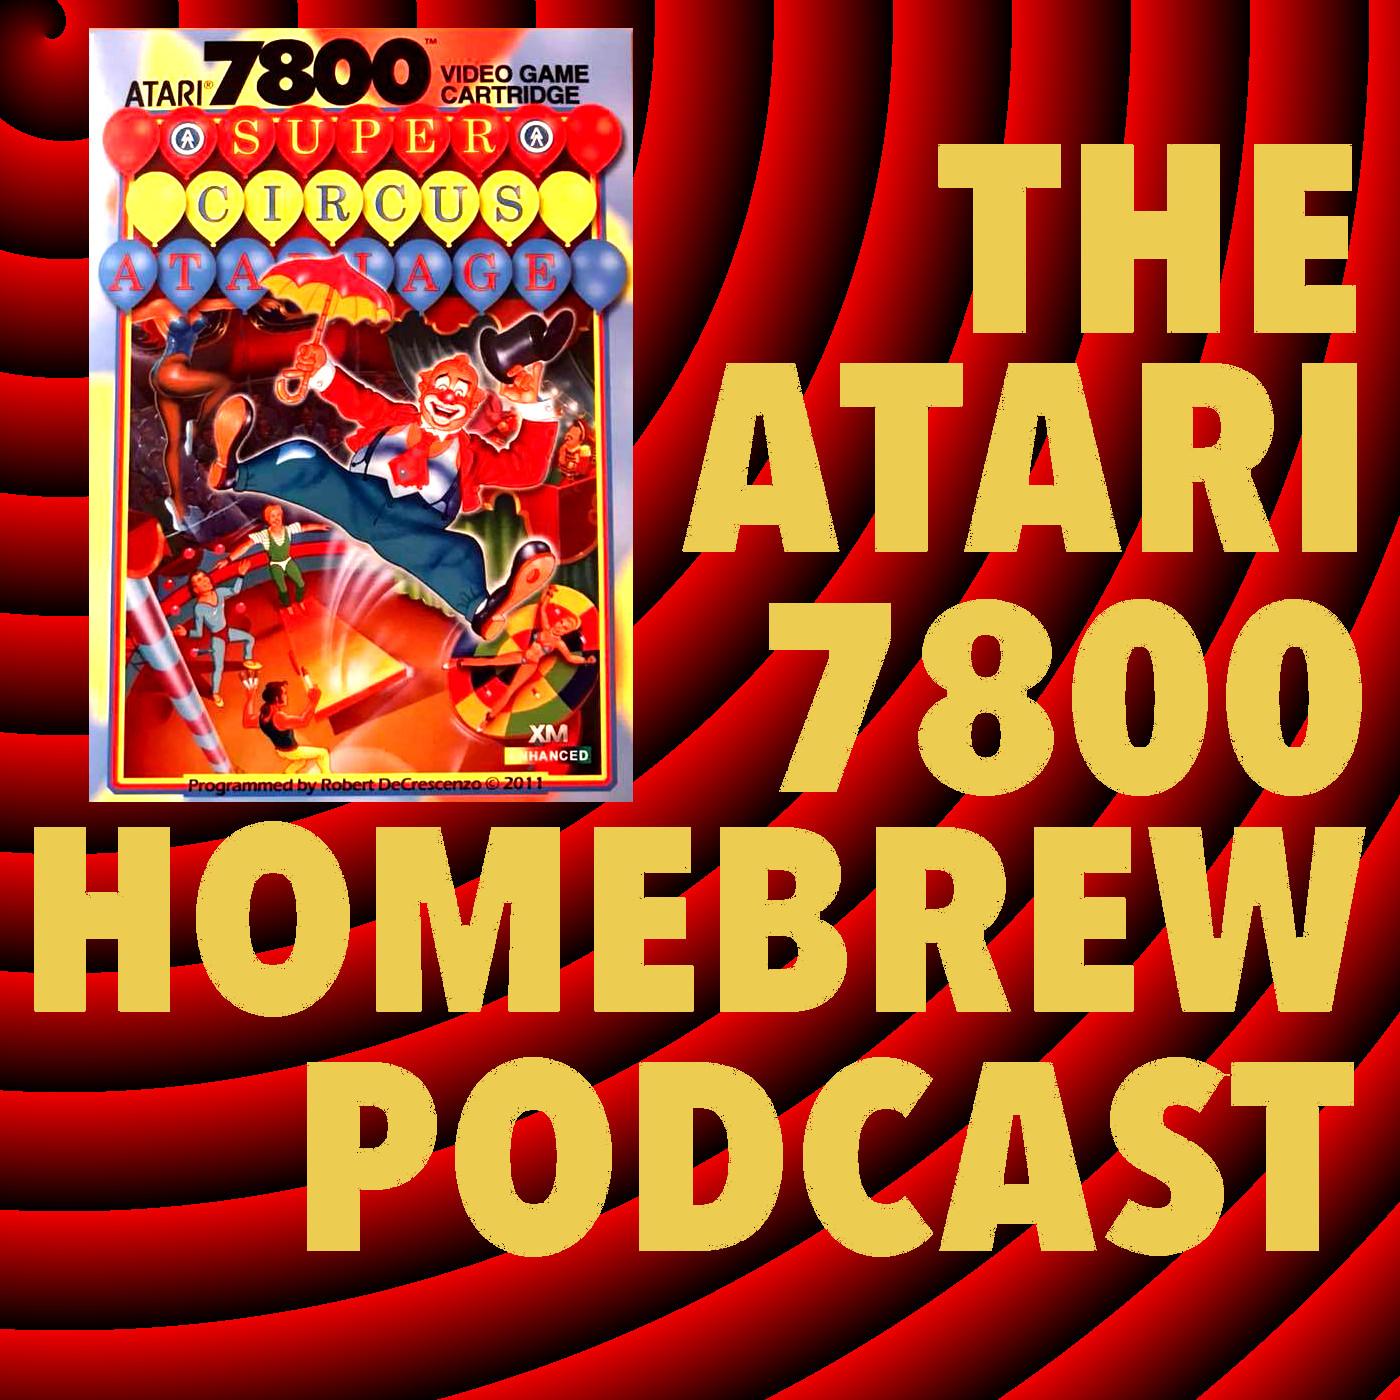 Episode 21: Super Circus AtariAge